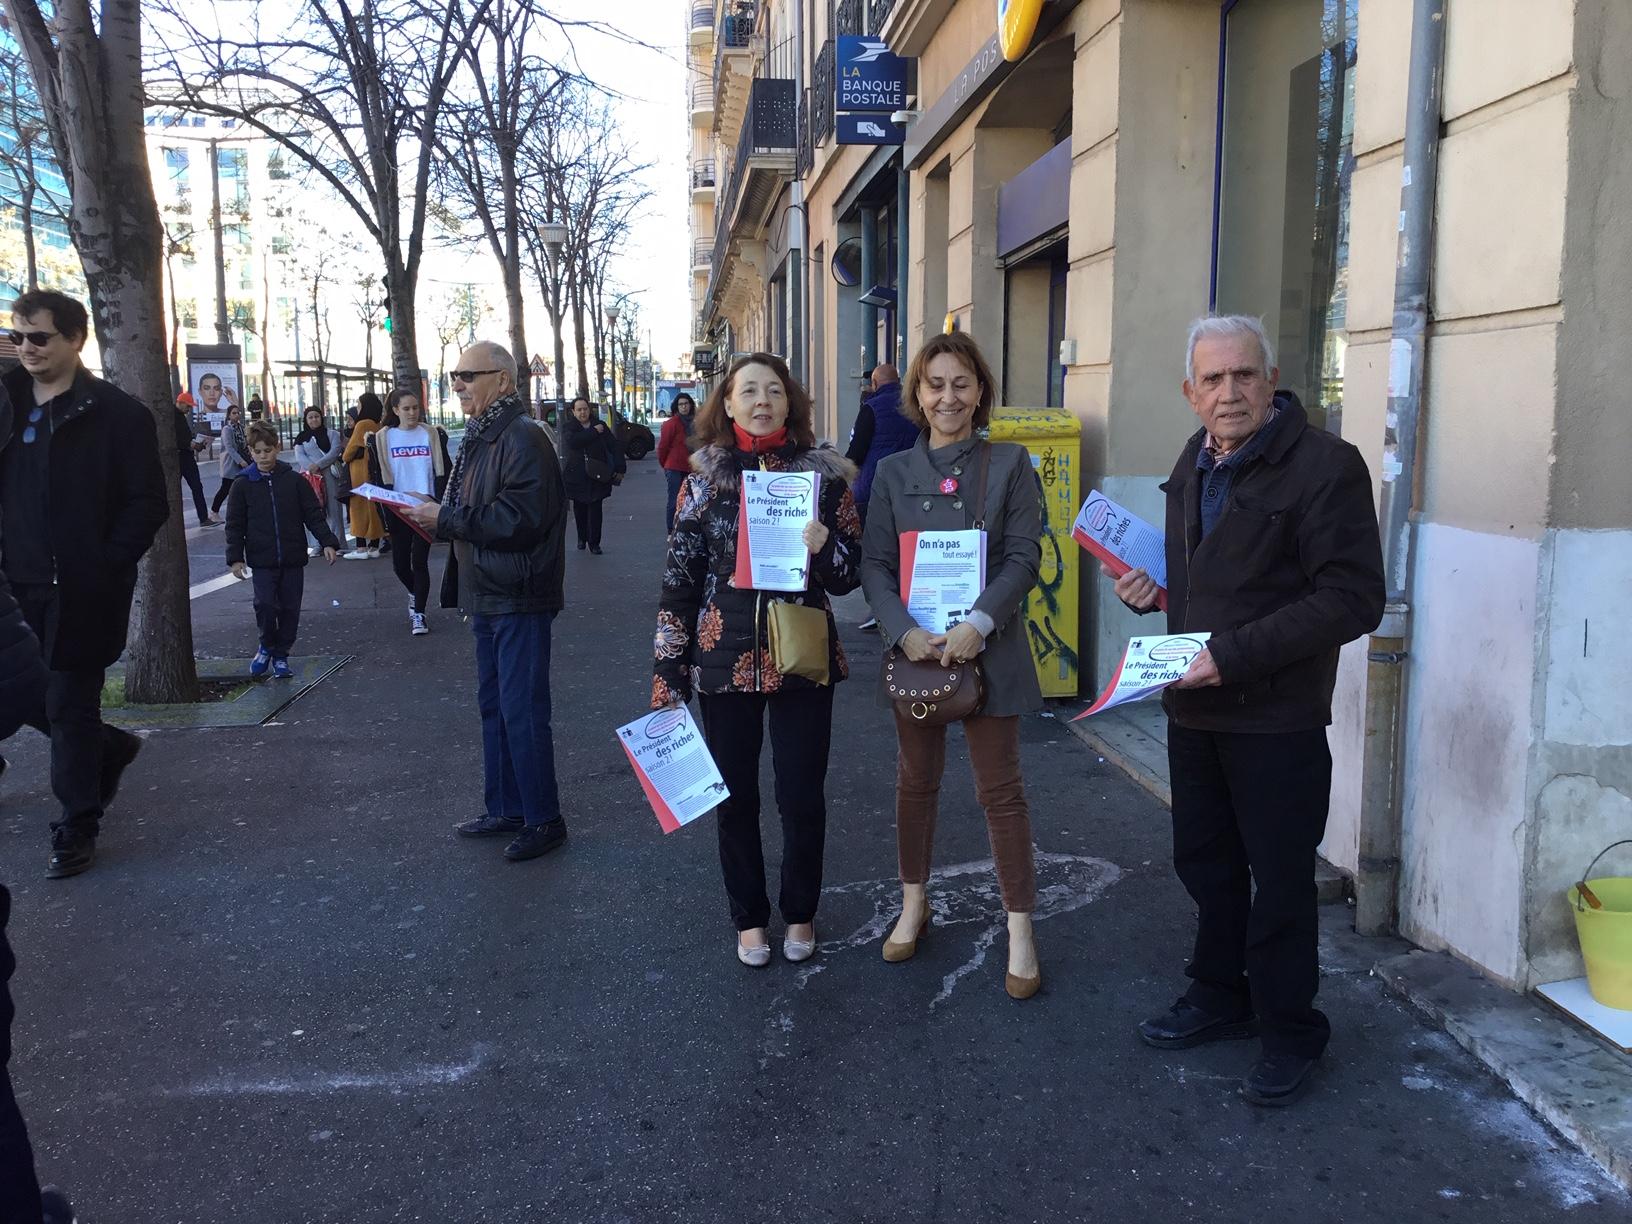 (4) Européenne 2019 – Politique Nationale  : On peux combattre la politique de Macron et avancer nos propositions pour la France et mener la  campagne des Européennes !